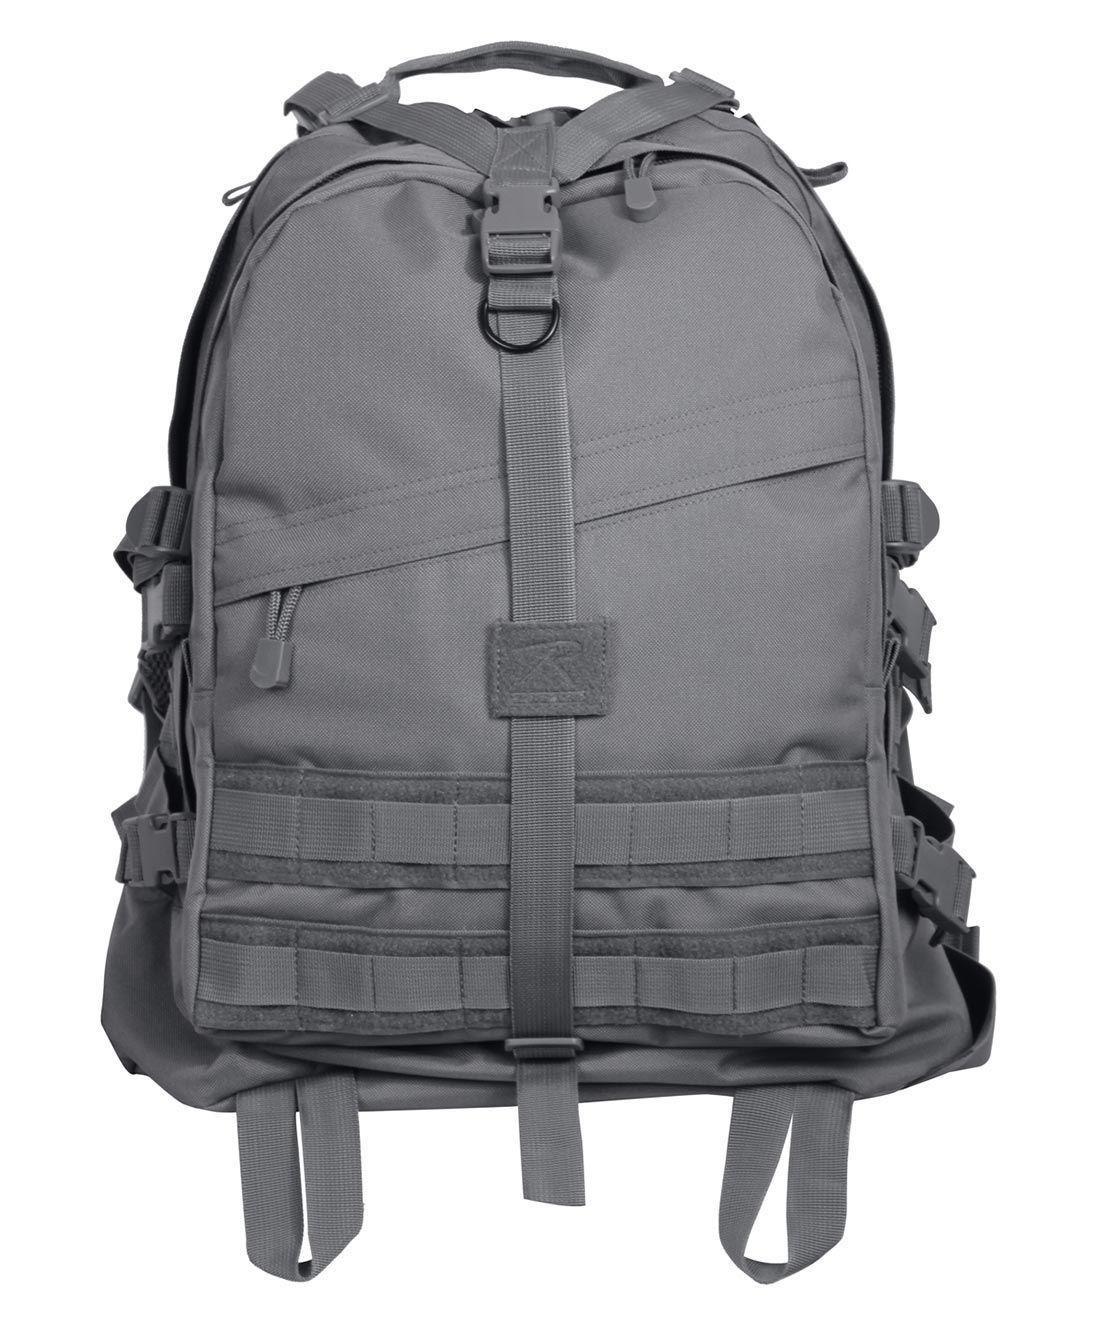 Rothco Taktisk Transportryggsäck (Dark Grey, One Size)